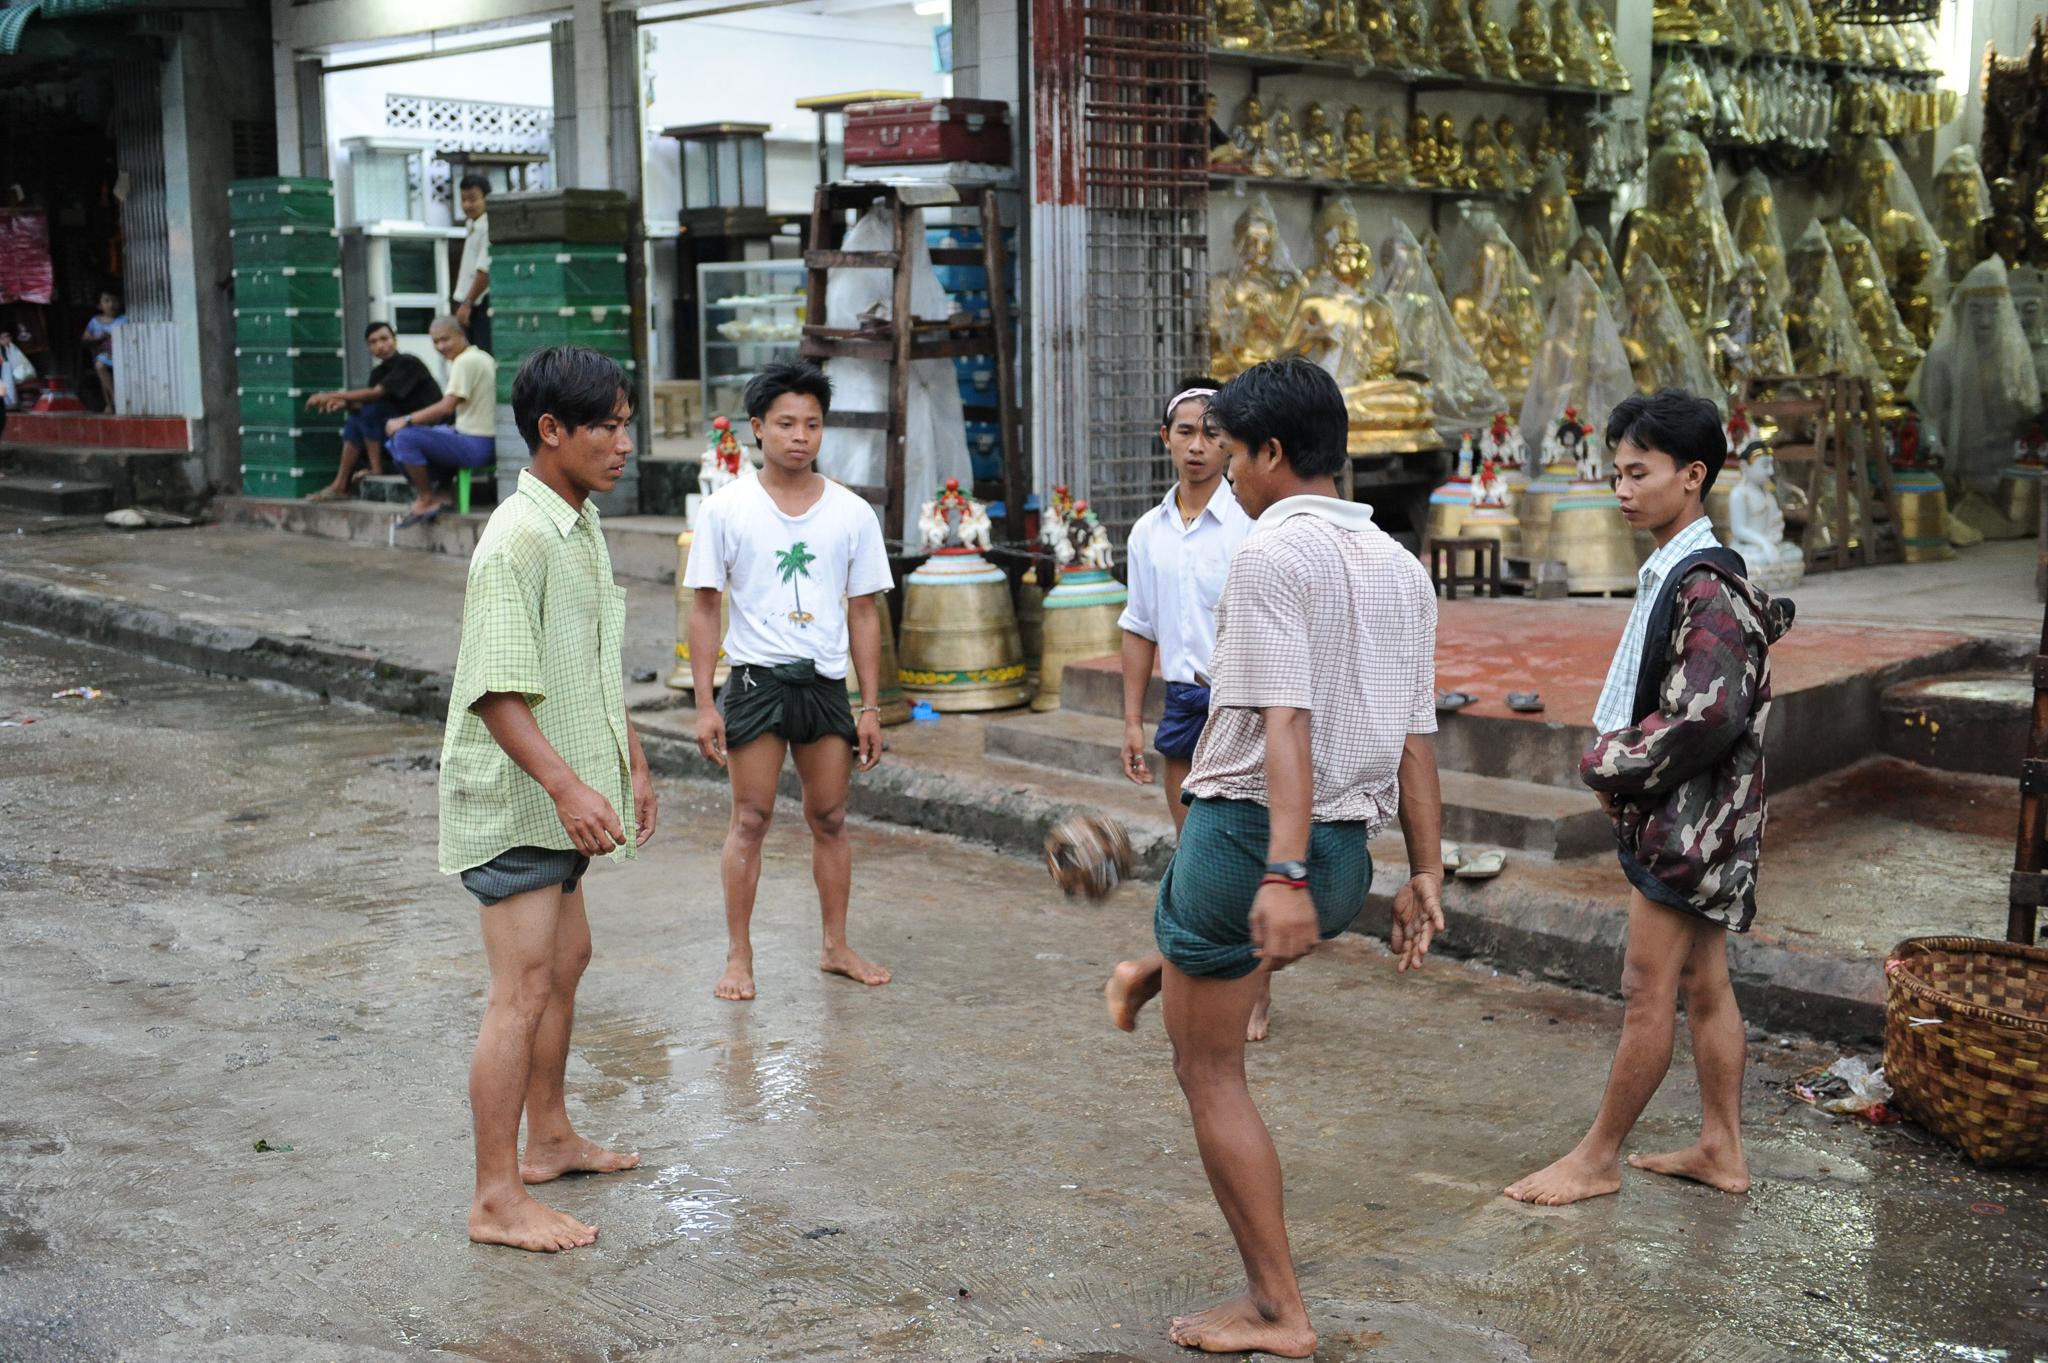 Yangon Hackey Sack